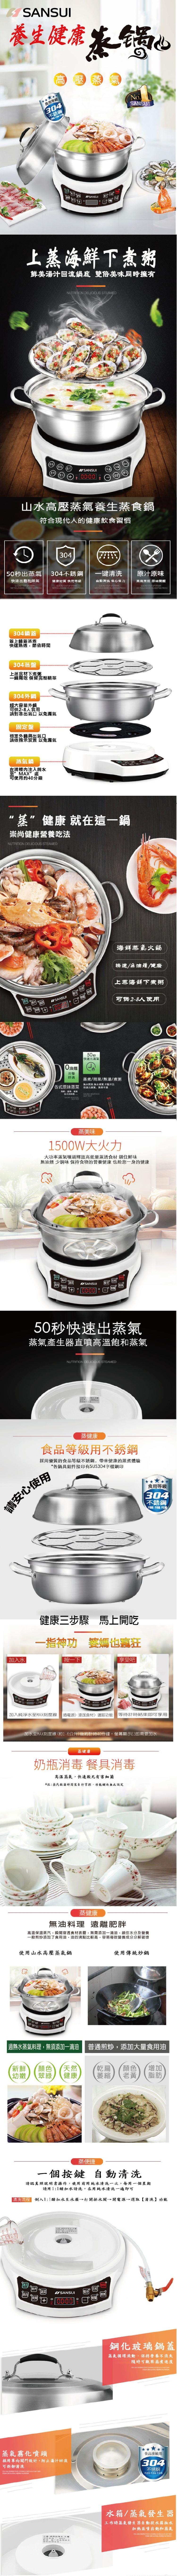 再打八折★SANSUI山水高壓蒸氣養生蒸食鍋調理鍋SP-10